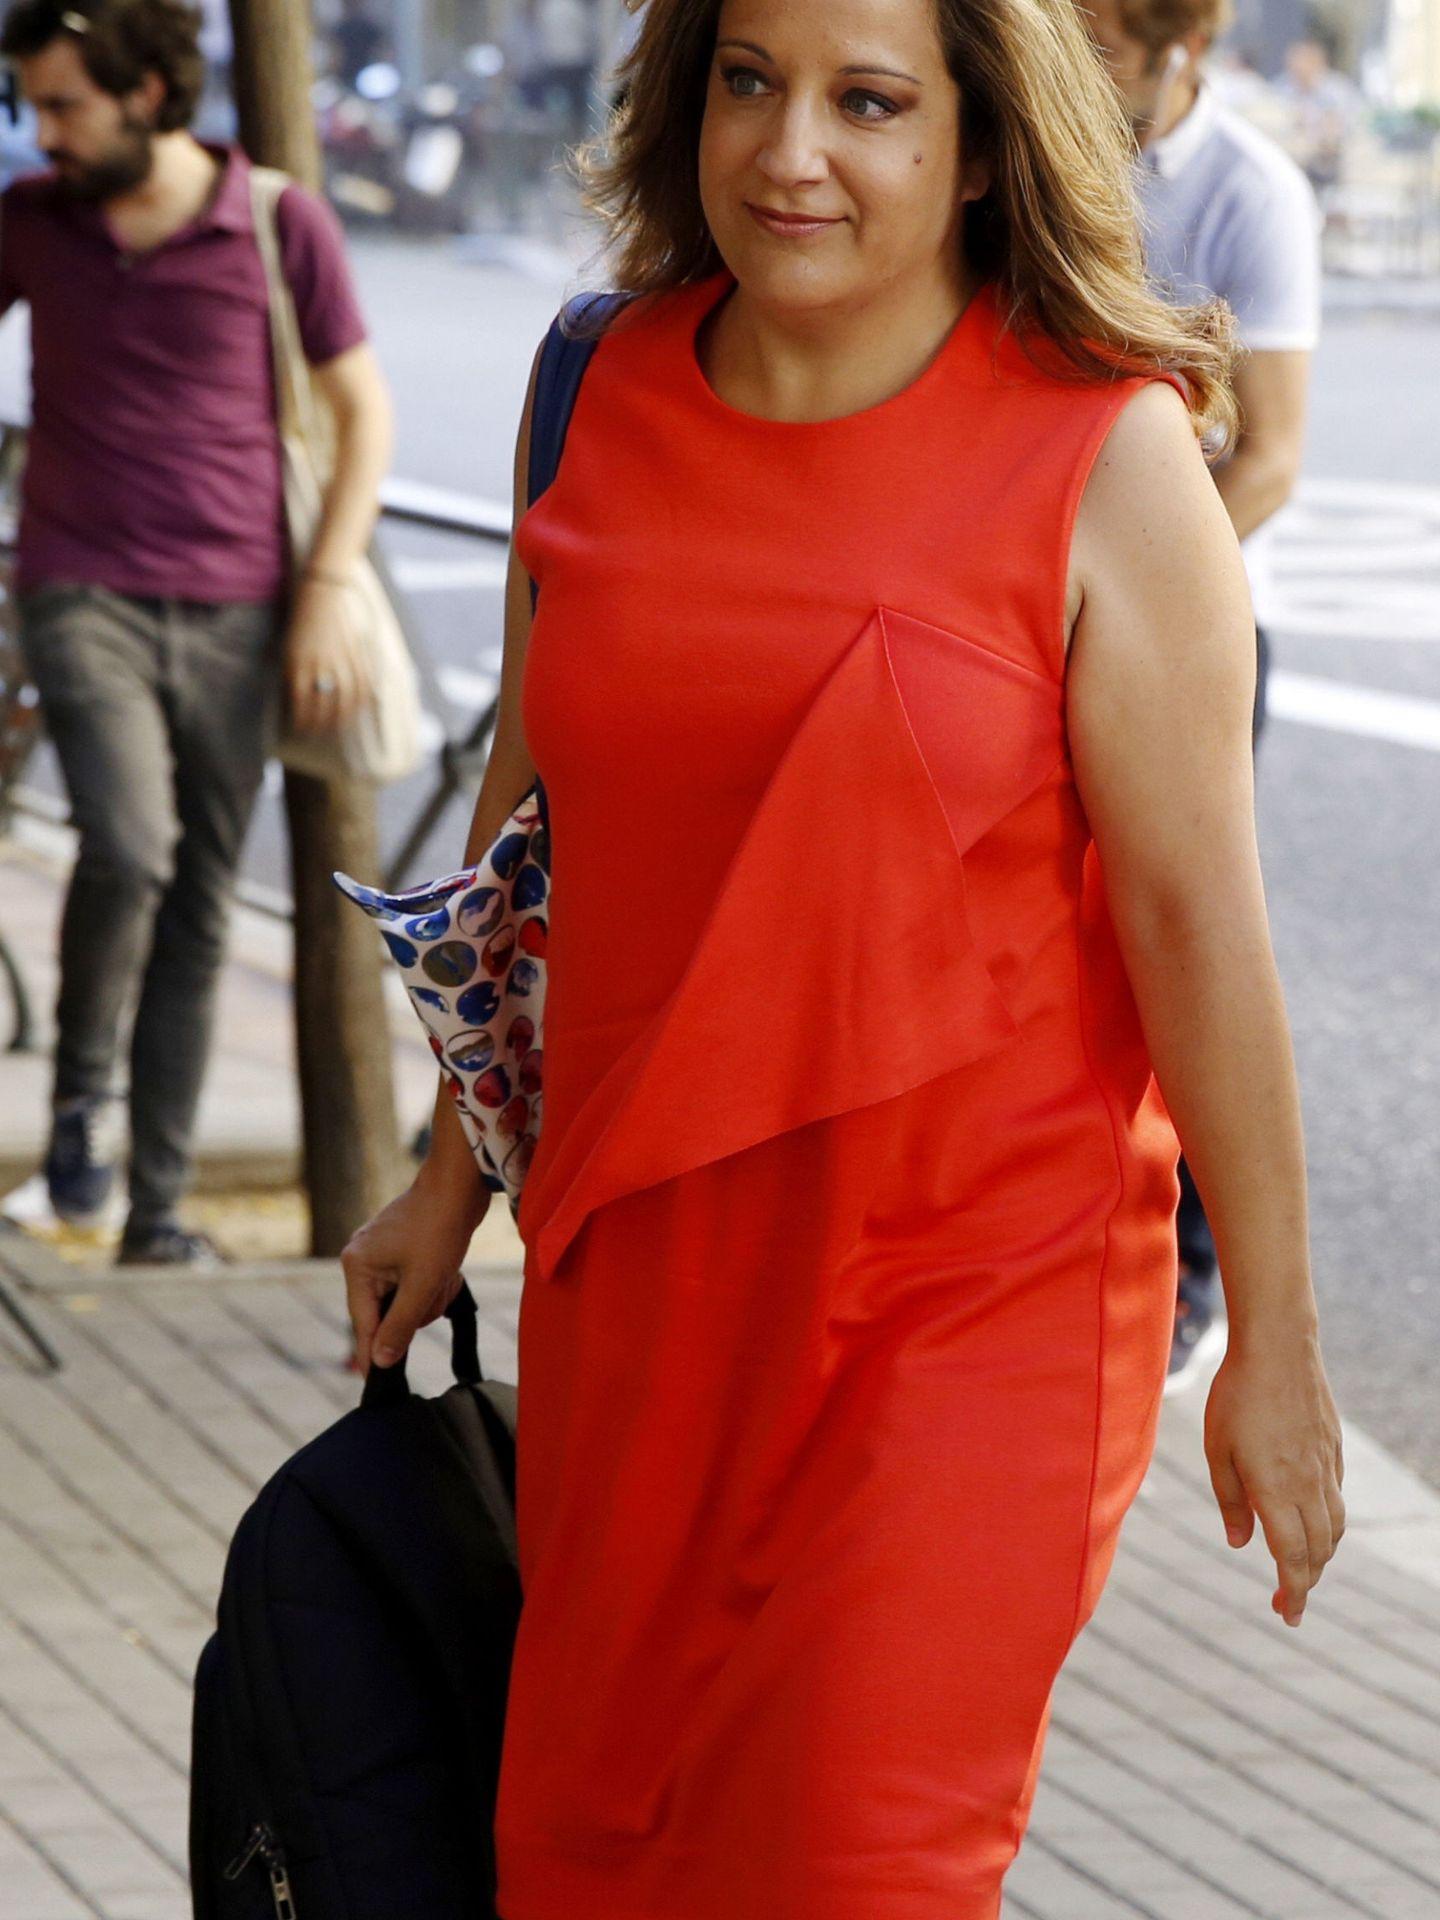 La portavoz socialista en el Parlamento Europeo, Iratxe García, el pasado 18 de julio. (EFE)